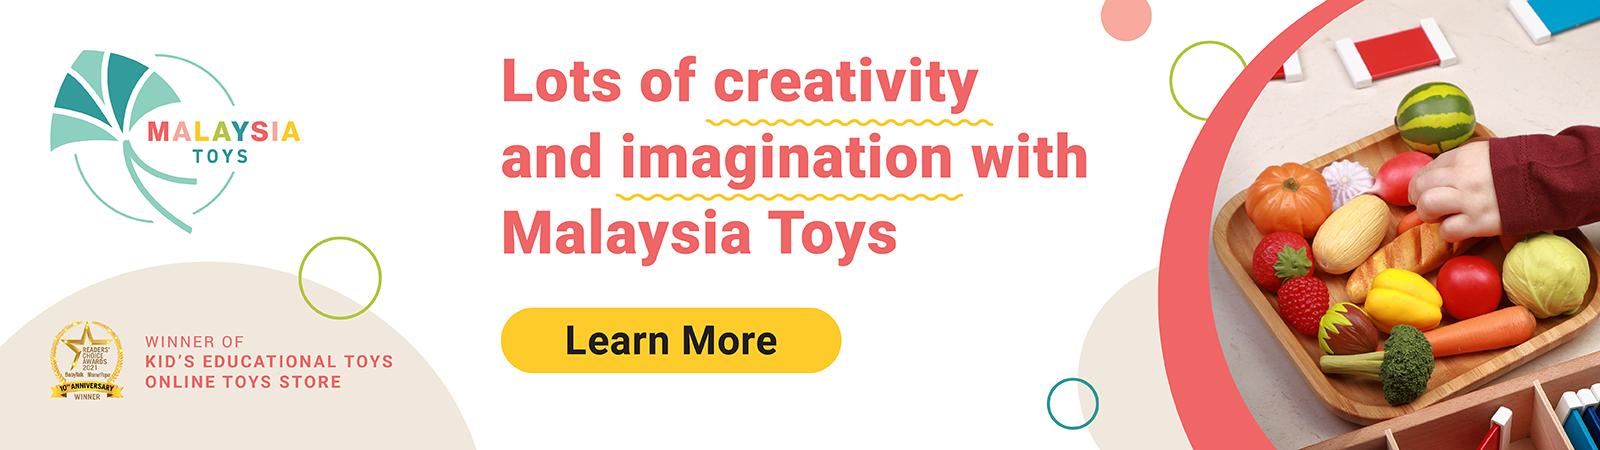 Apa yang anda perlu tahu tentang kedai mainan online bernama Malaysia Toys hari ini!